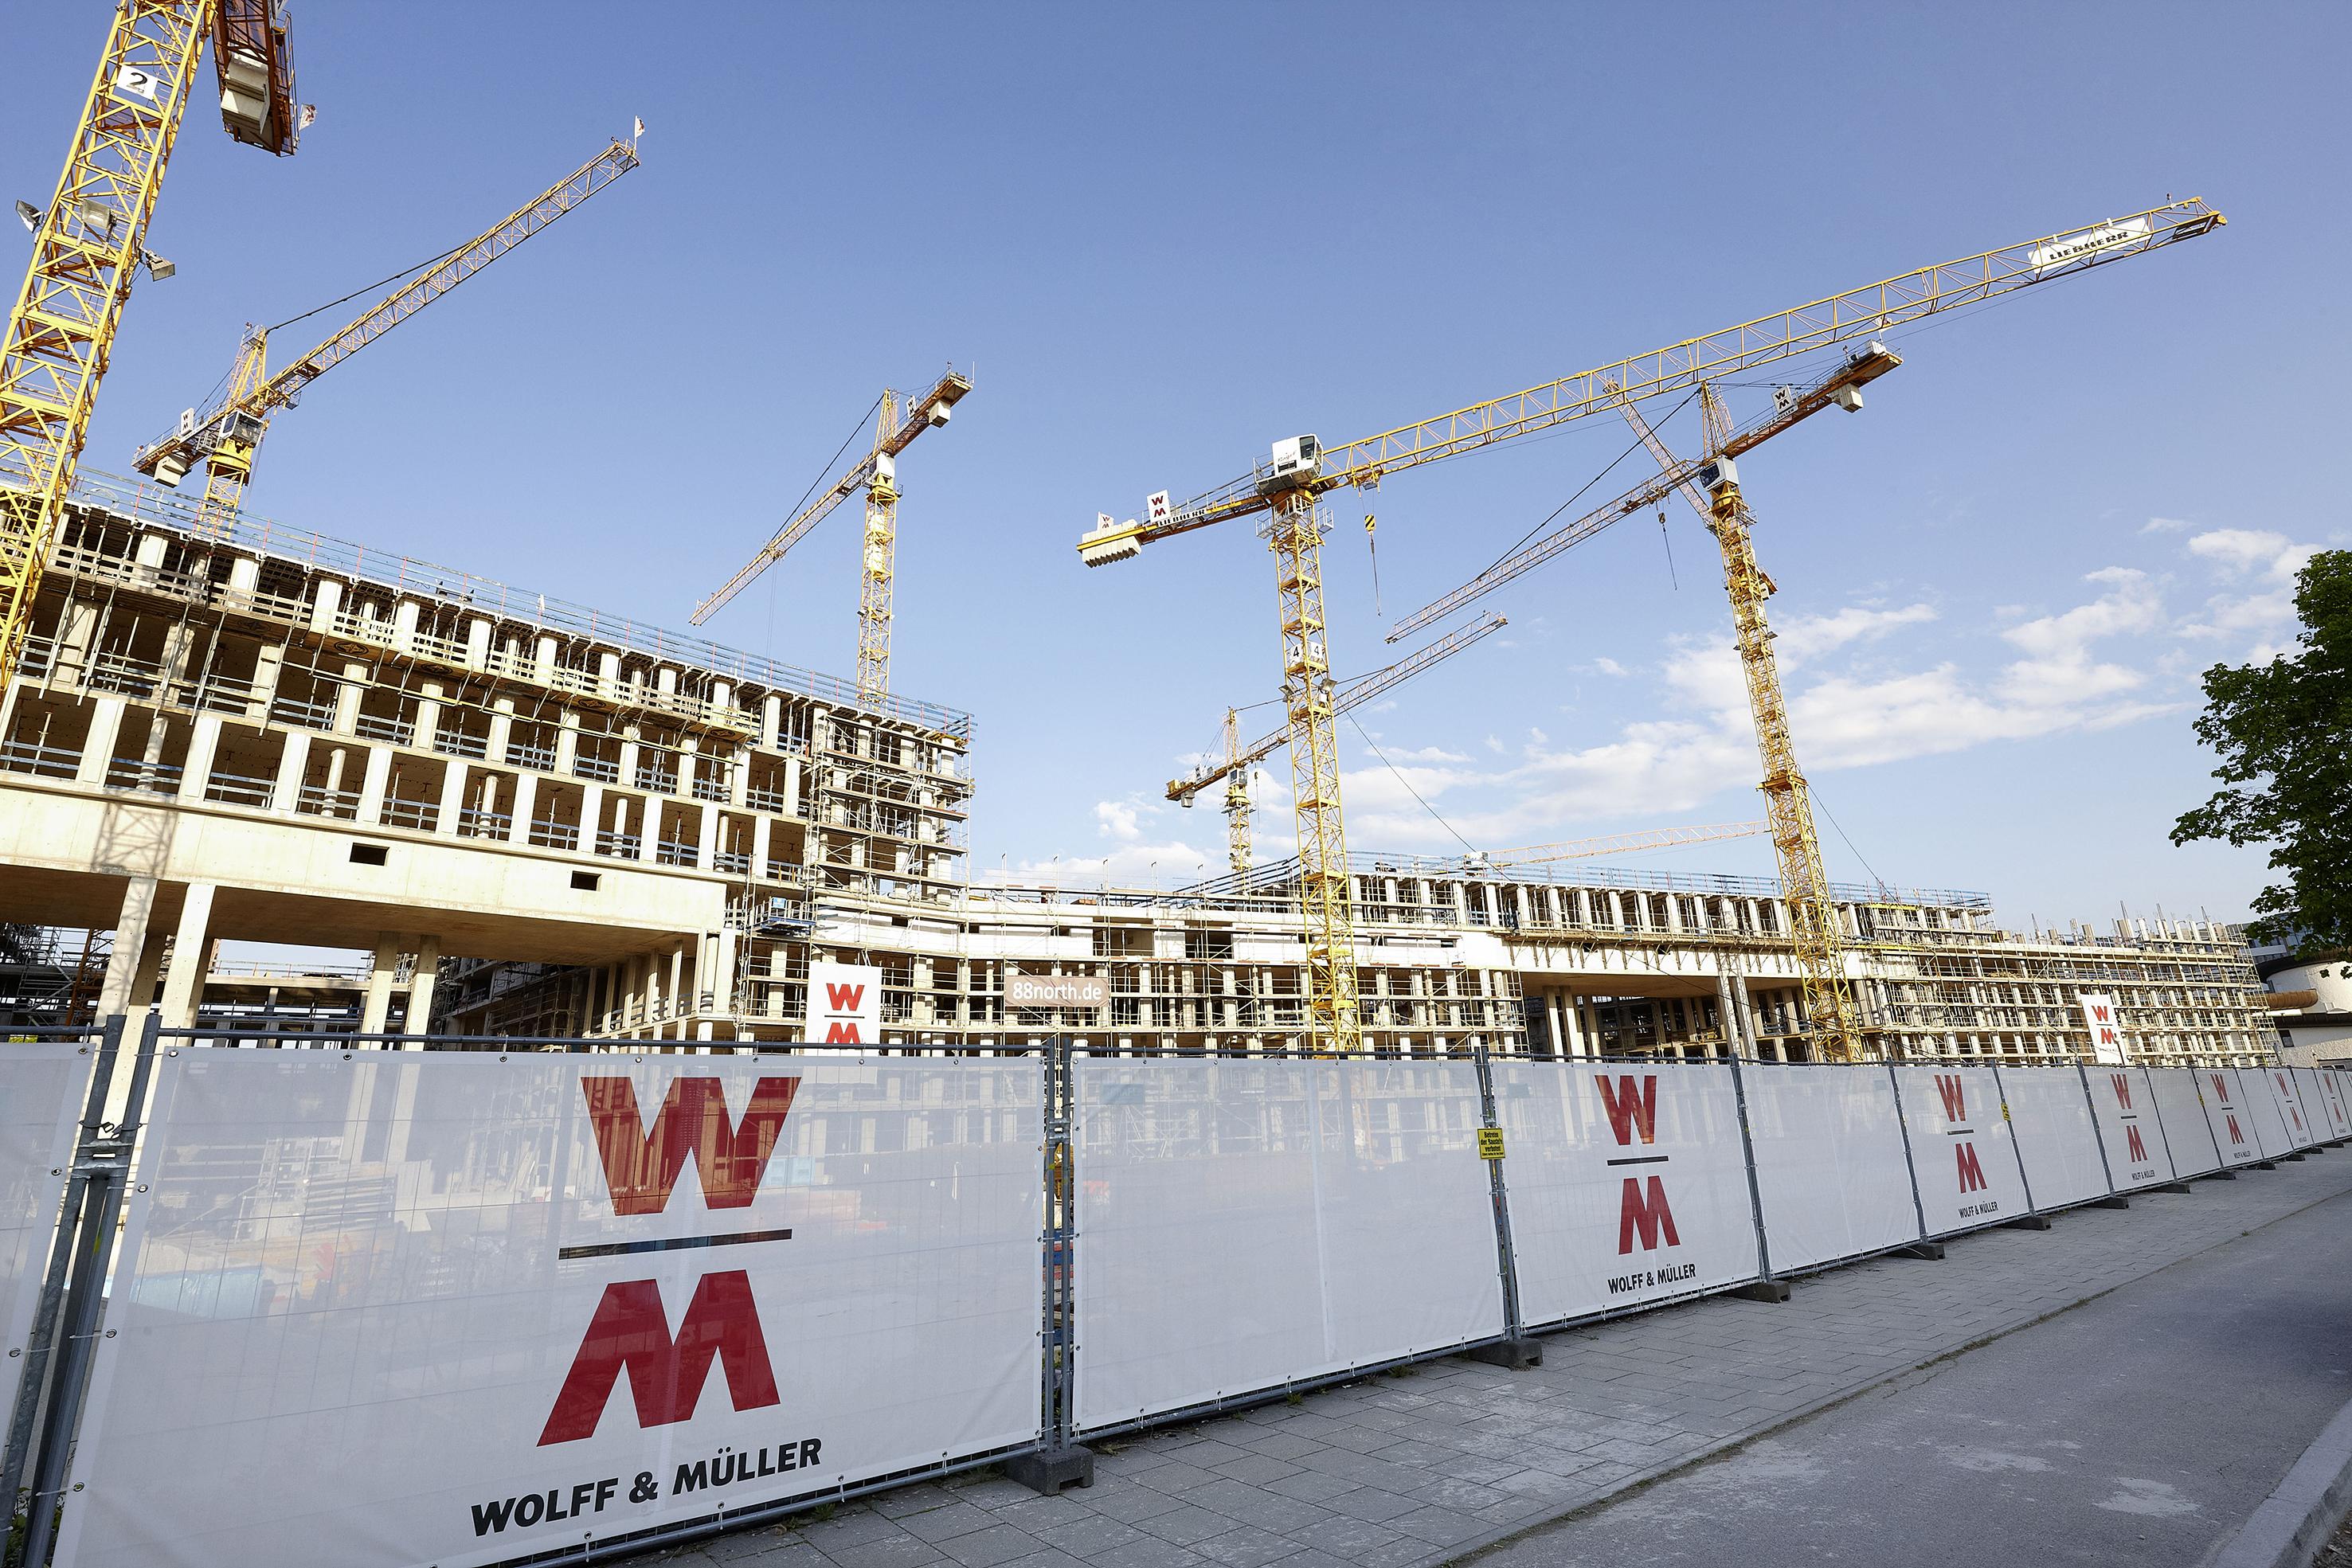 Bauunternehmen Stuttgart wolff müller ist bauunternehmen des jahres cc presseportal